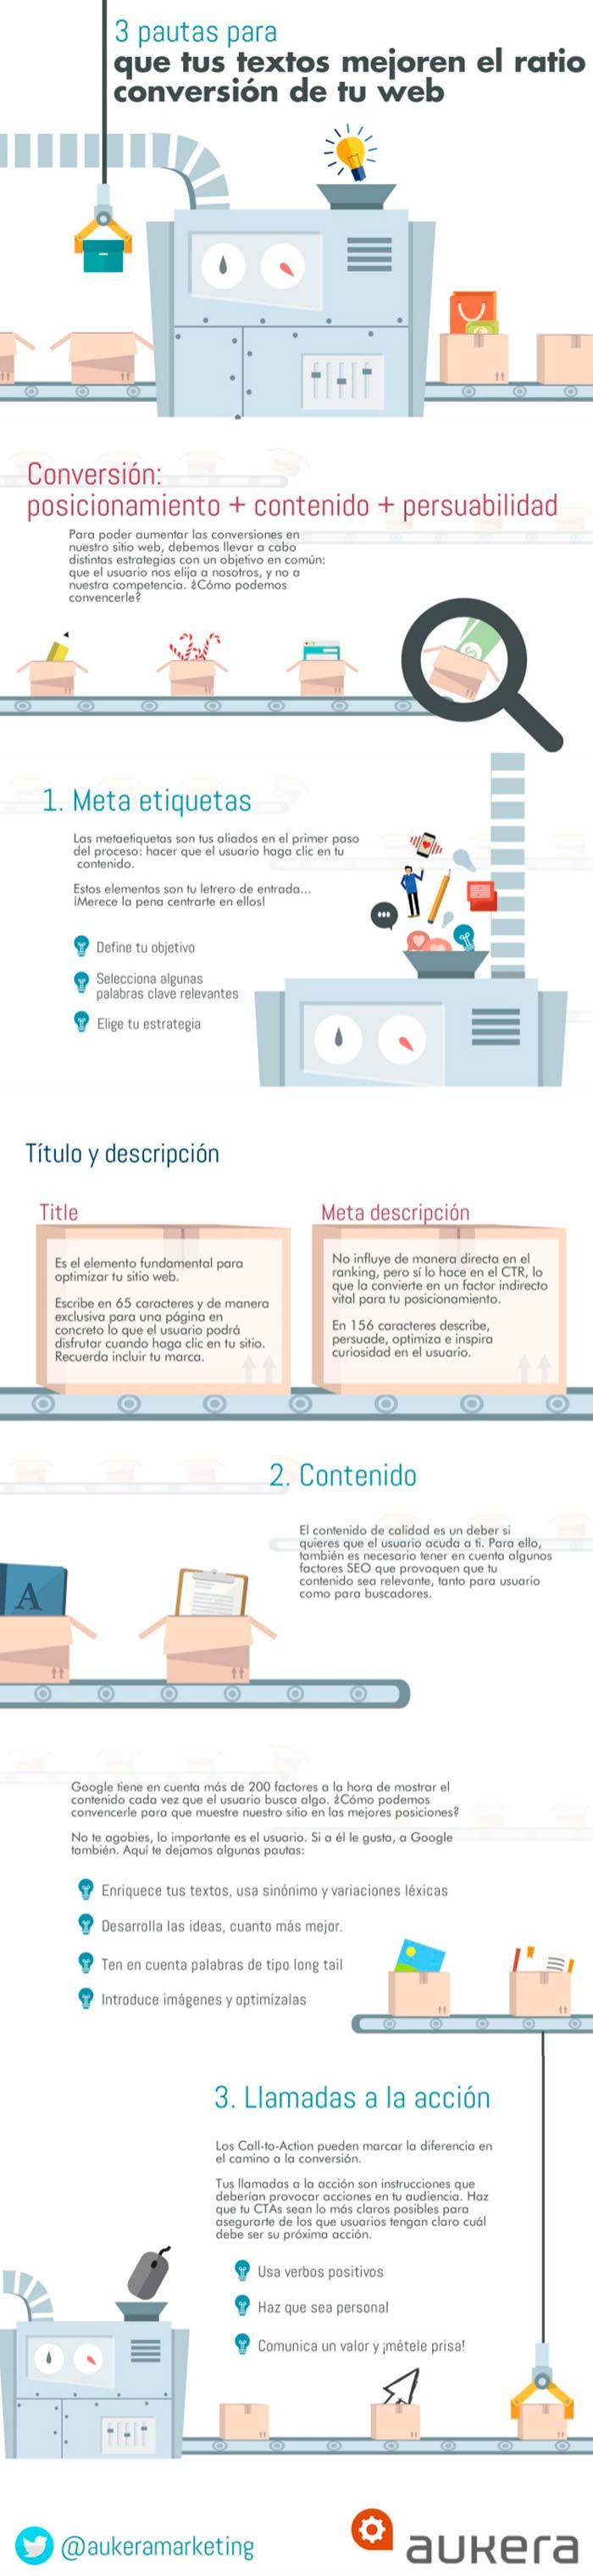 Infografia sobre las pautas a seguir para mejorar el ratio de conversion de una web